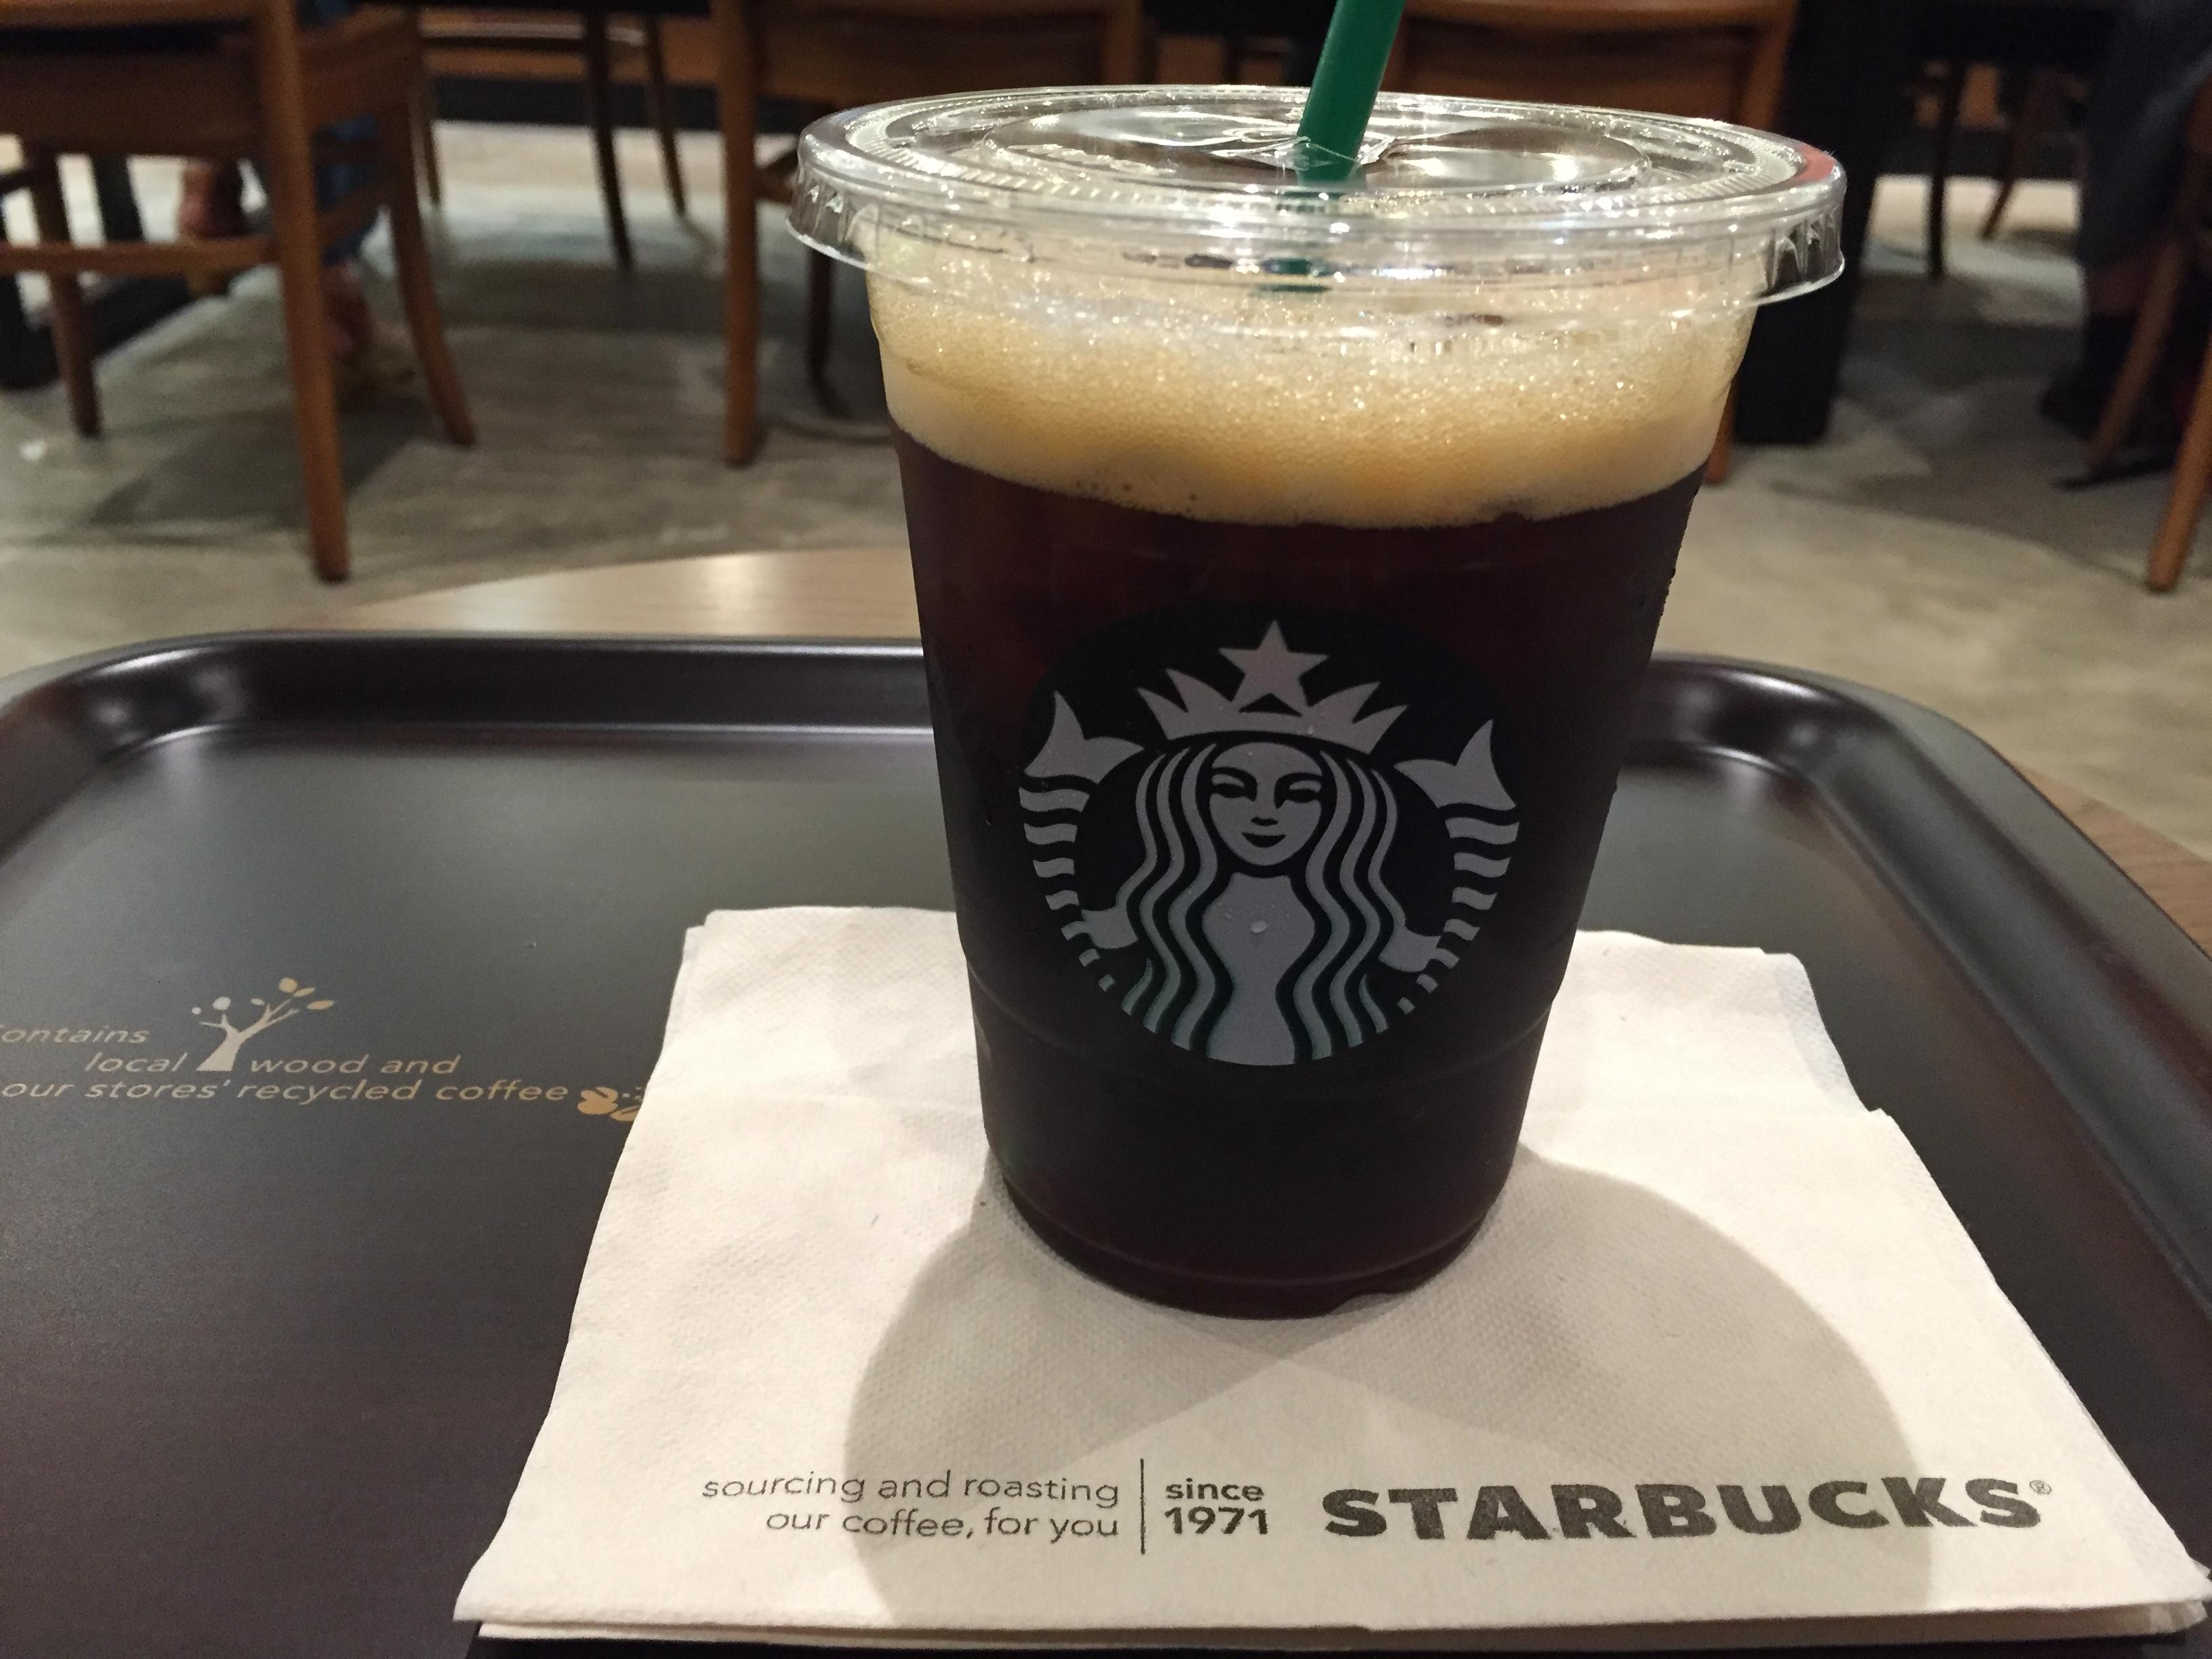 神戸・東灘JR住吉駅前のスターバックスでアイスバレンシアコーヒーとニコちゃんマーク ※写真レポあり